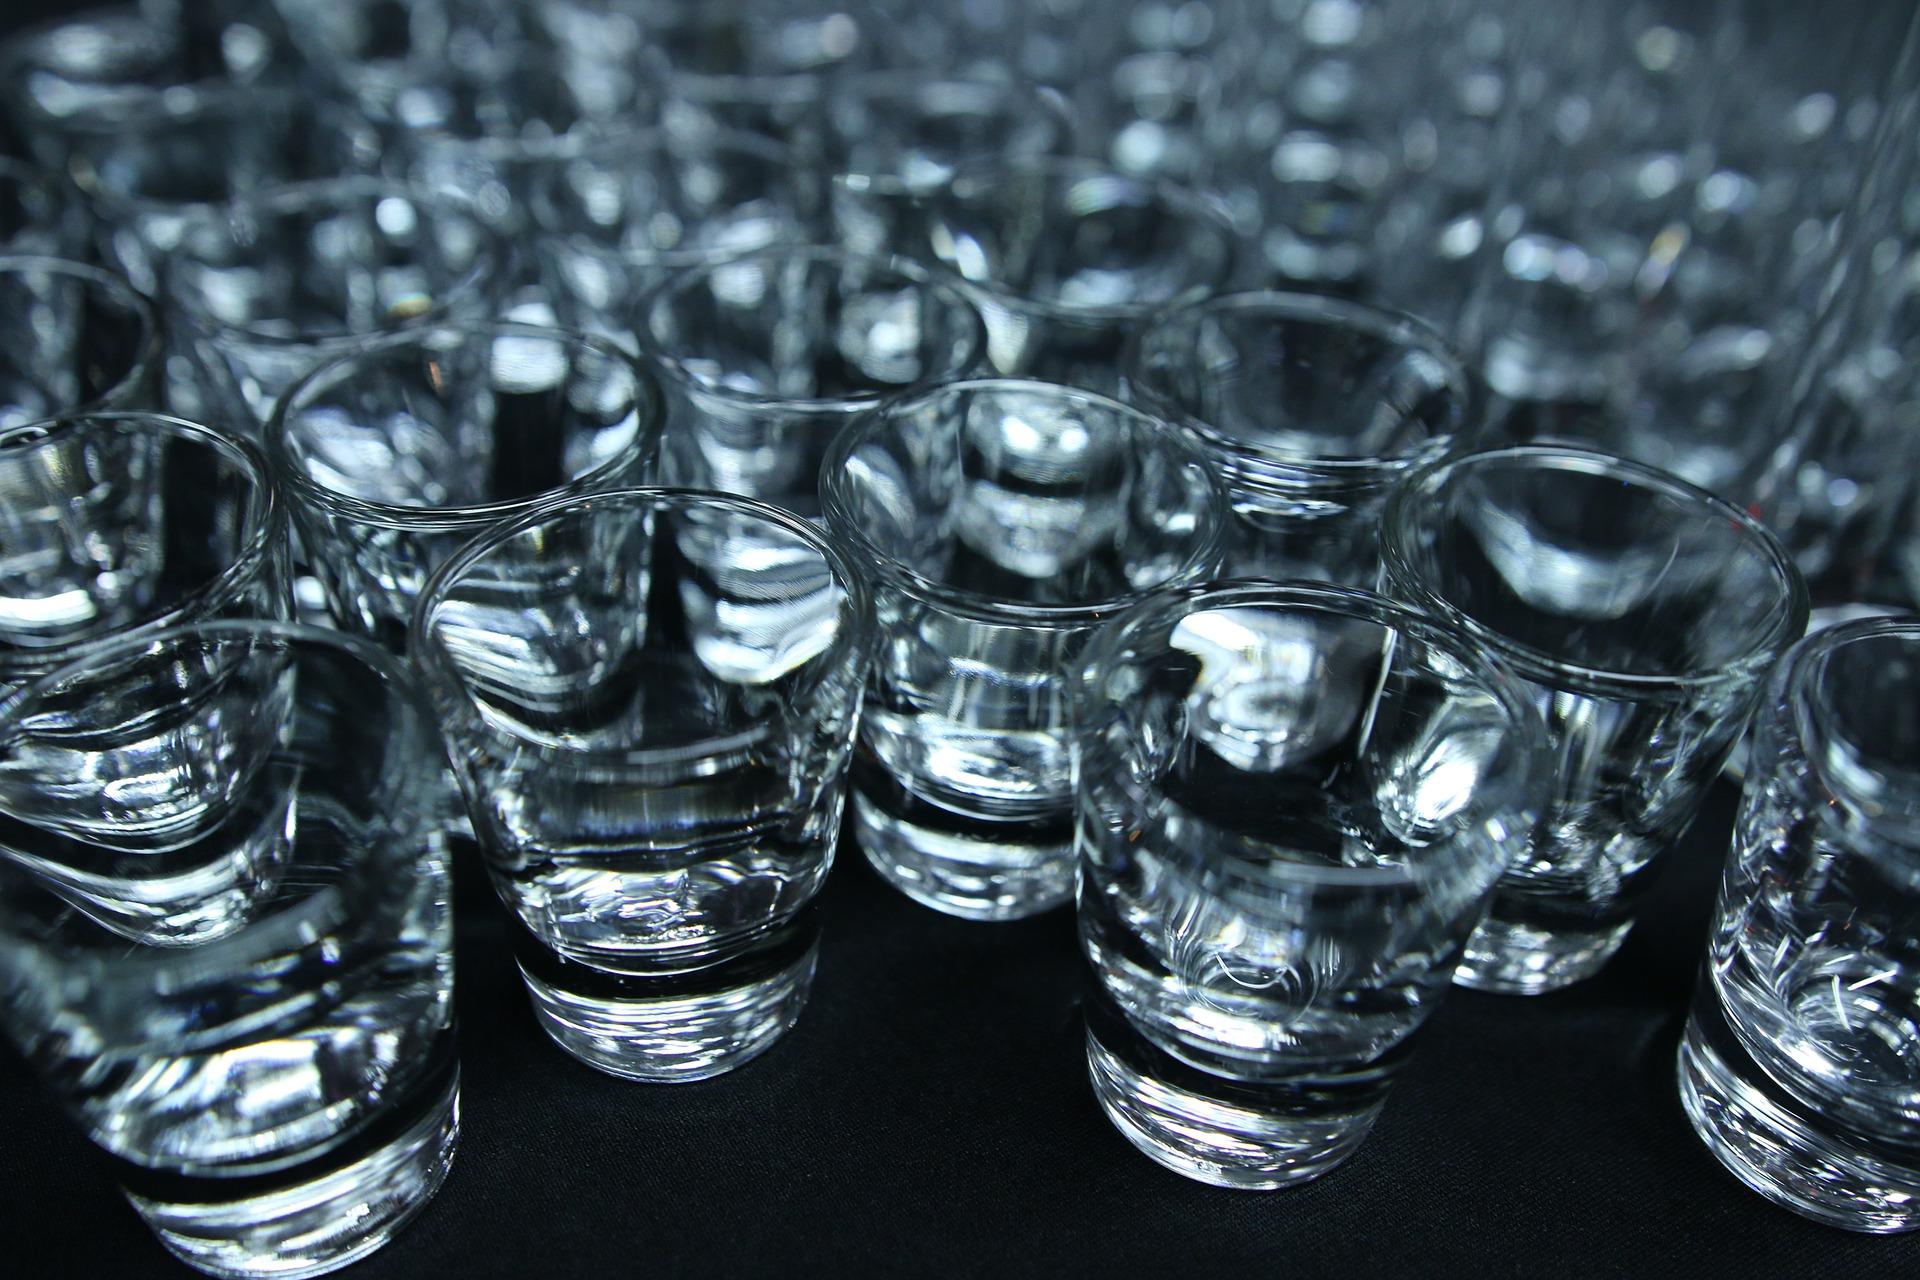 Alkohol i papierosy podrożeją od 1 stycznia? Jest projekt ministerstwa  - Zdjęcie główne